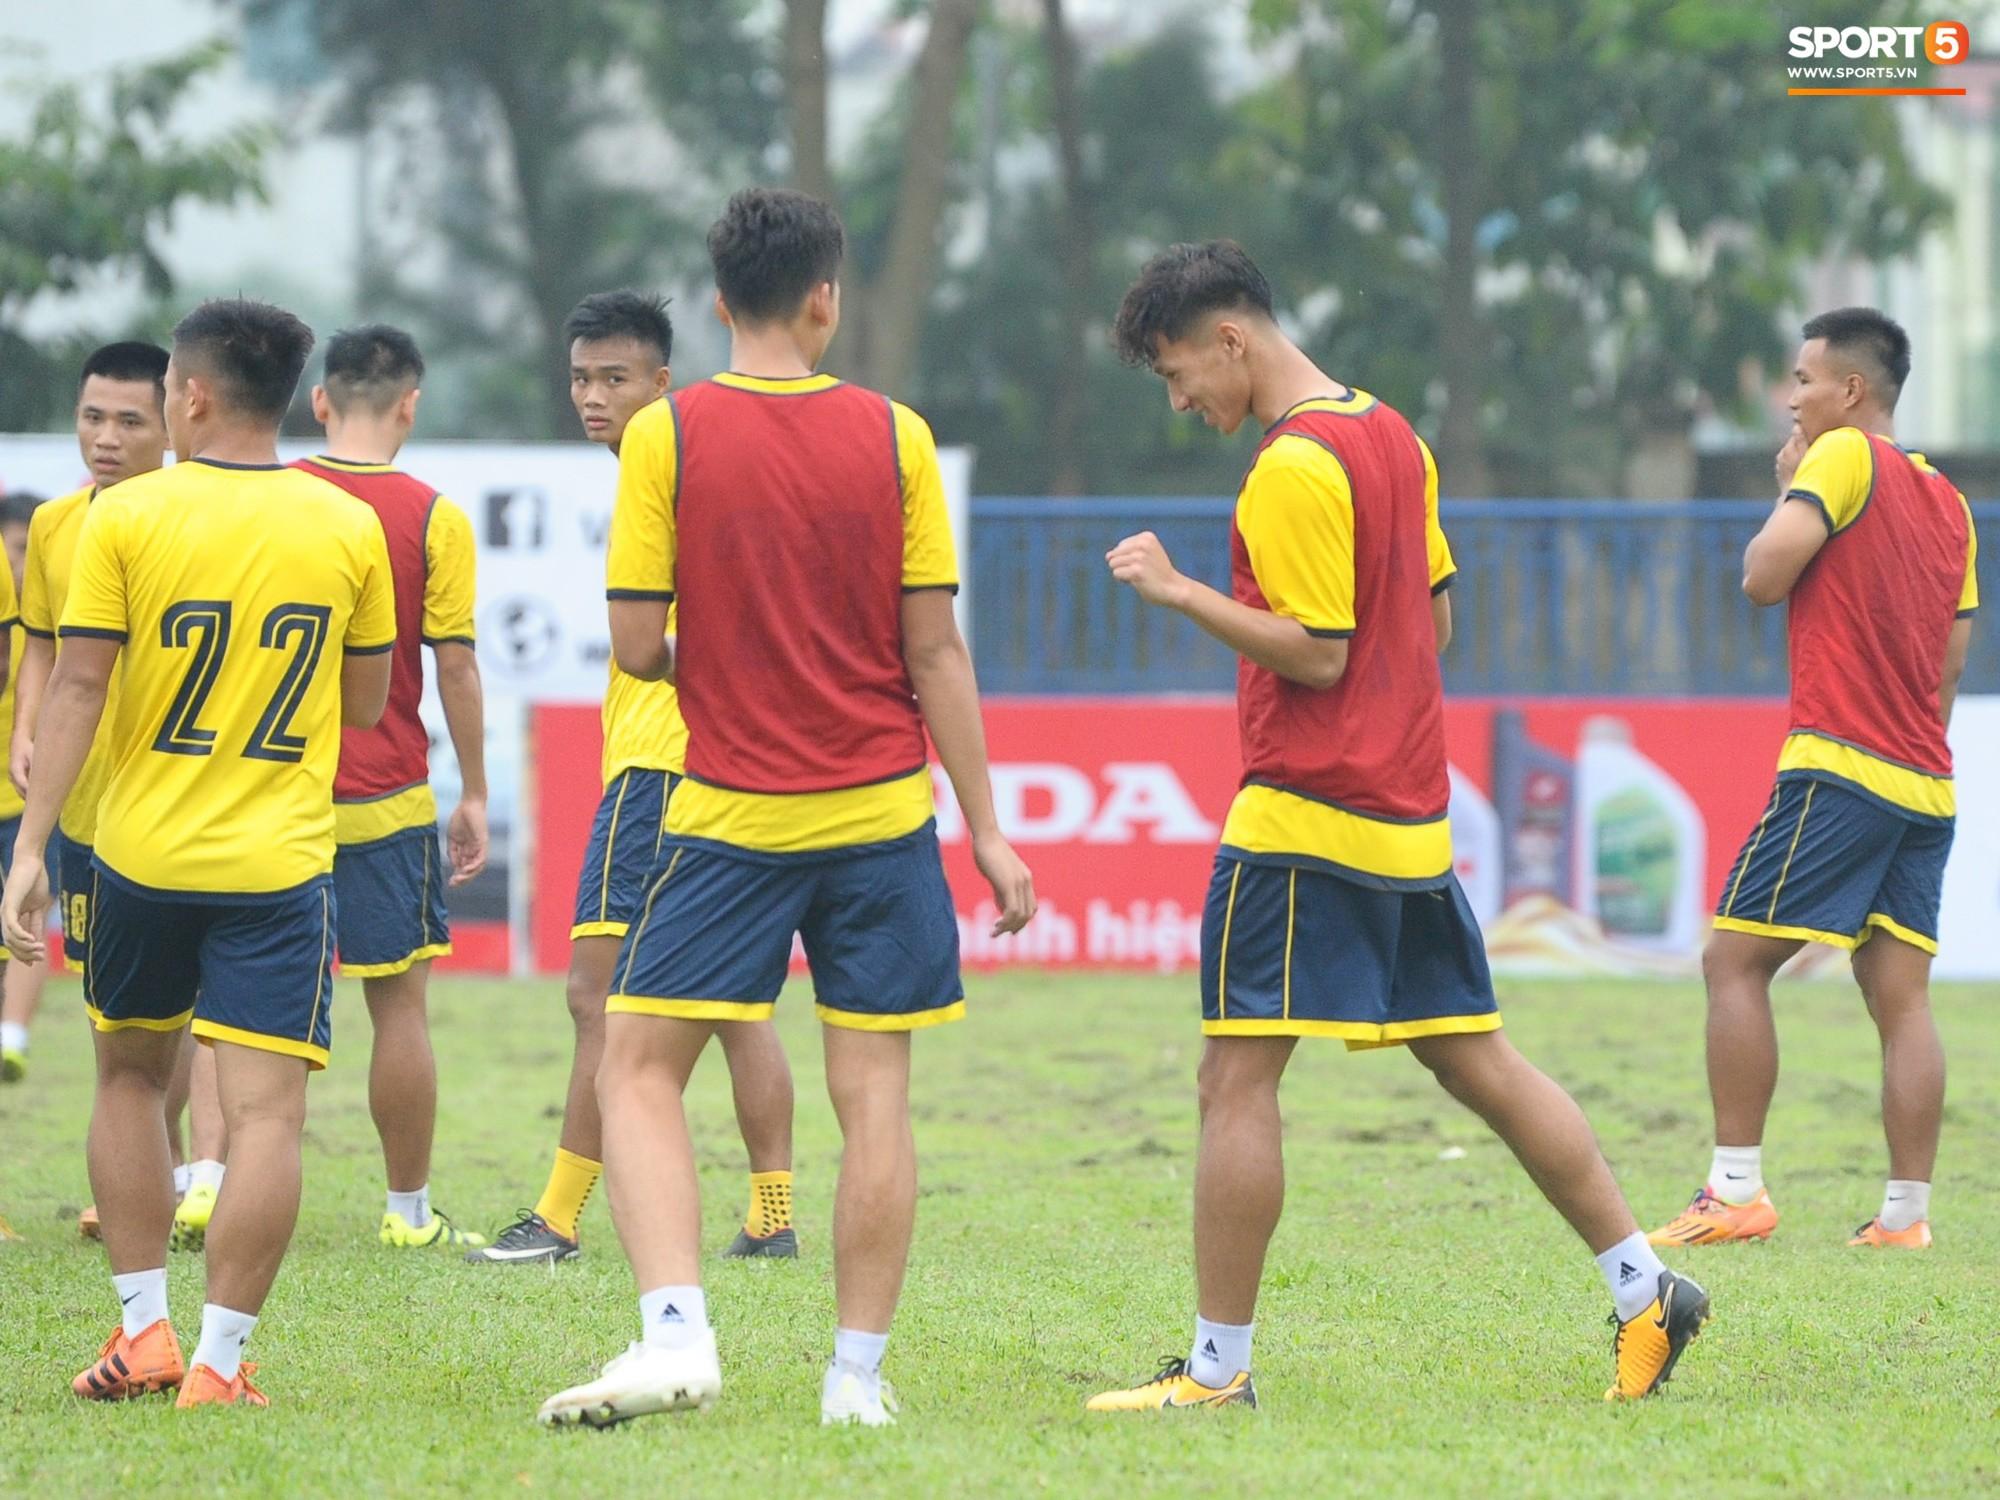 Dàn hot boy U22 Việt Nam khoác áo Hà Tĩnh FC đùa vui cực nhí nhảnh trước trận gặp Phù Đổng FC - Ảnh 3.